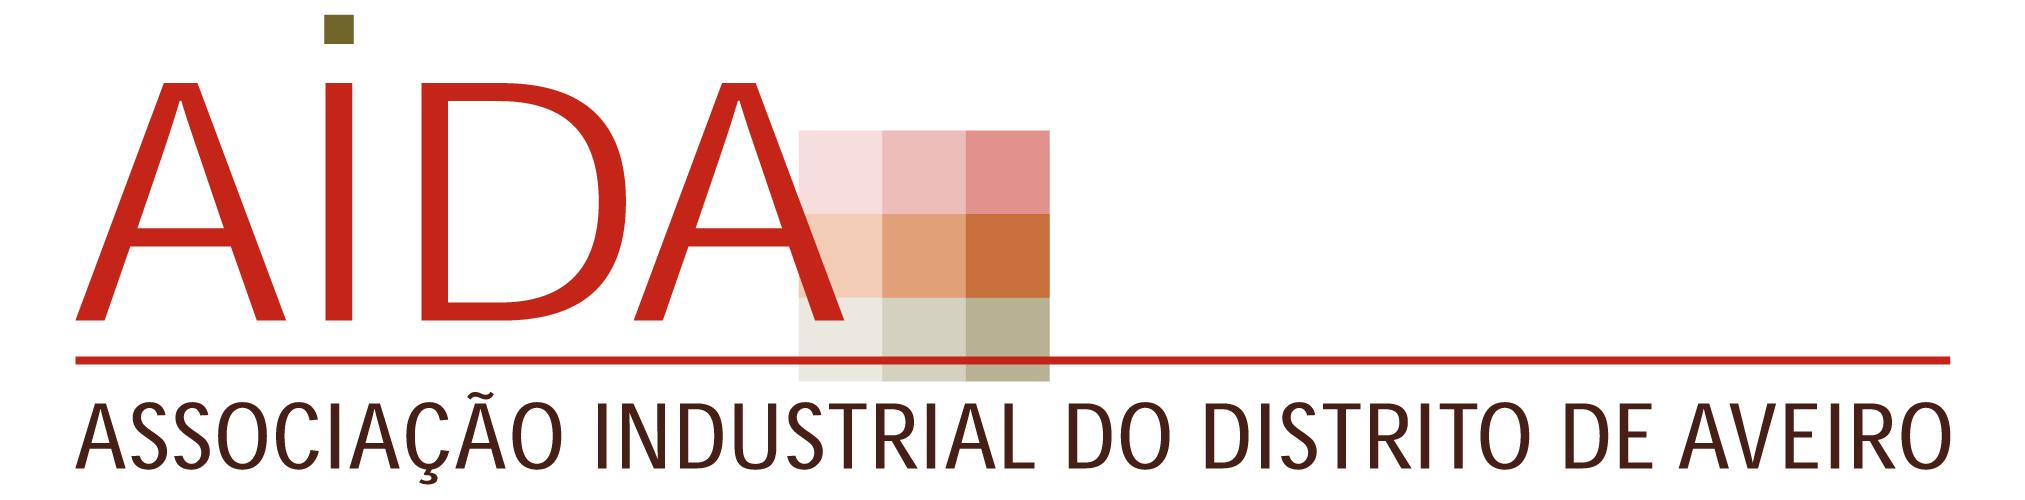 AIDA - Associação Industrial do Distrito de Aveiro